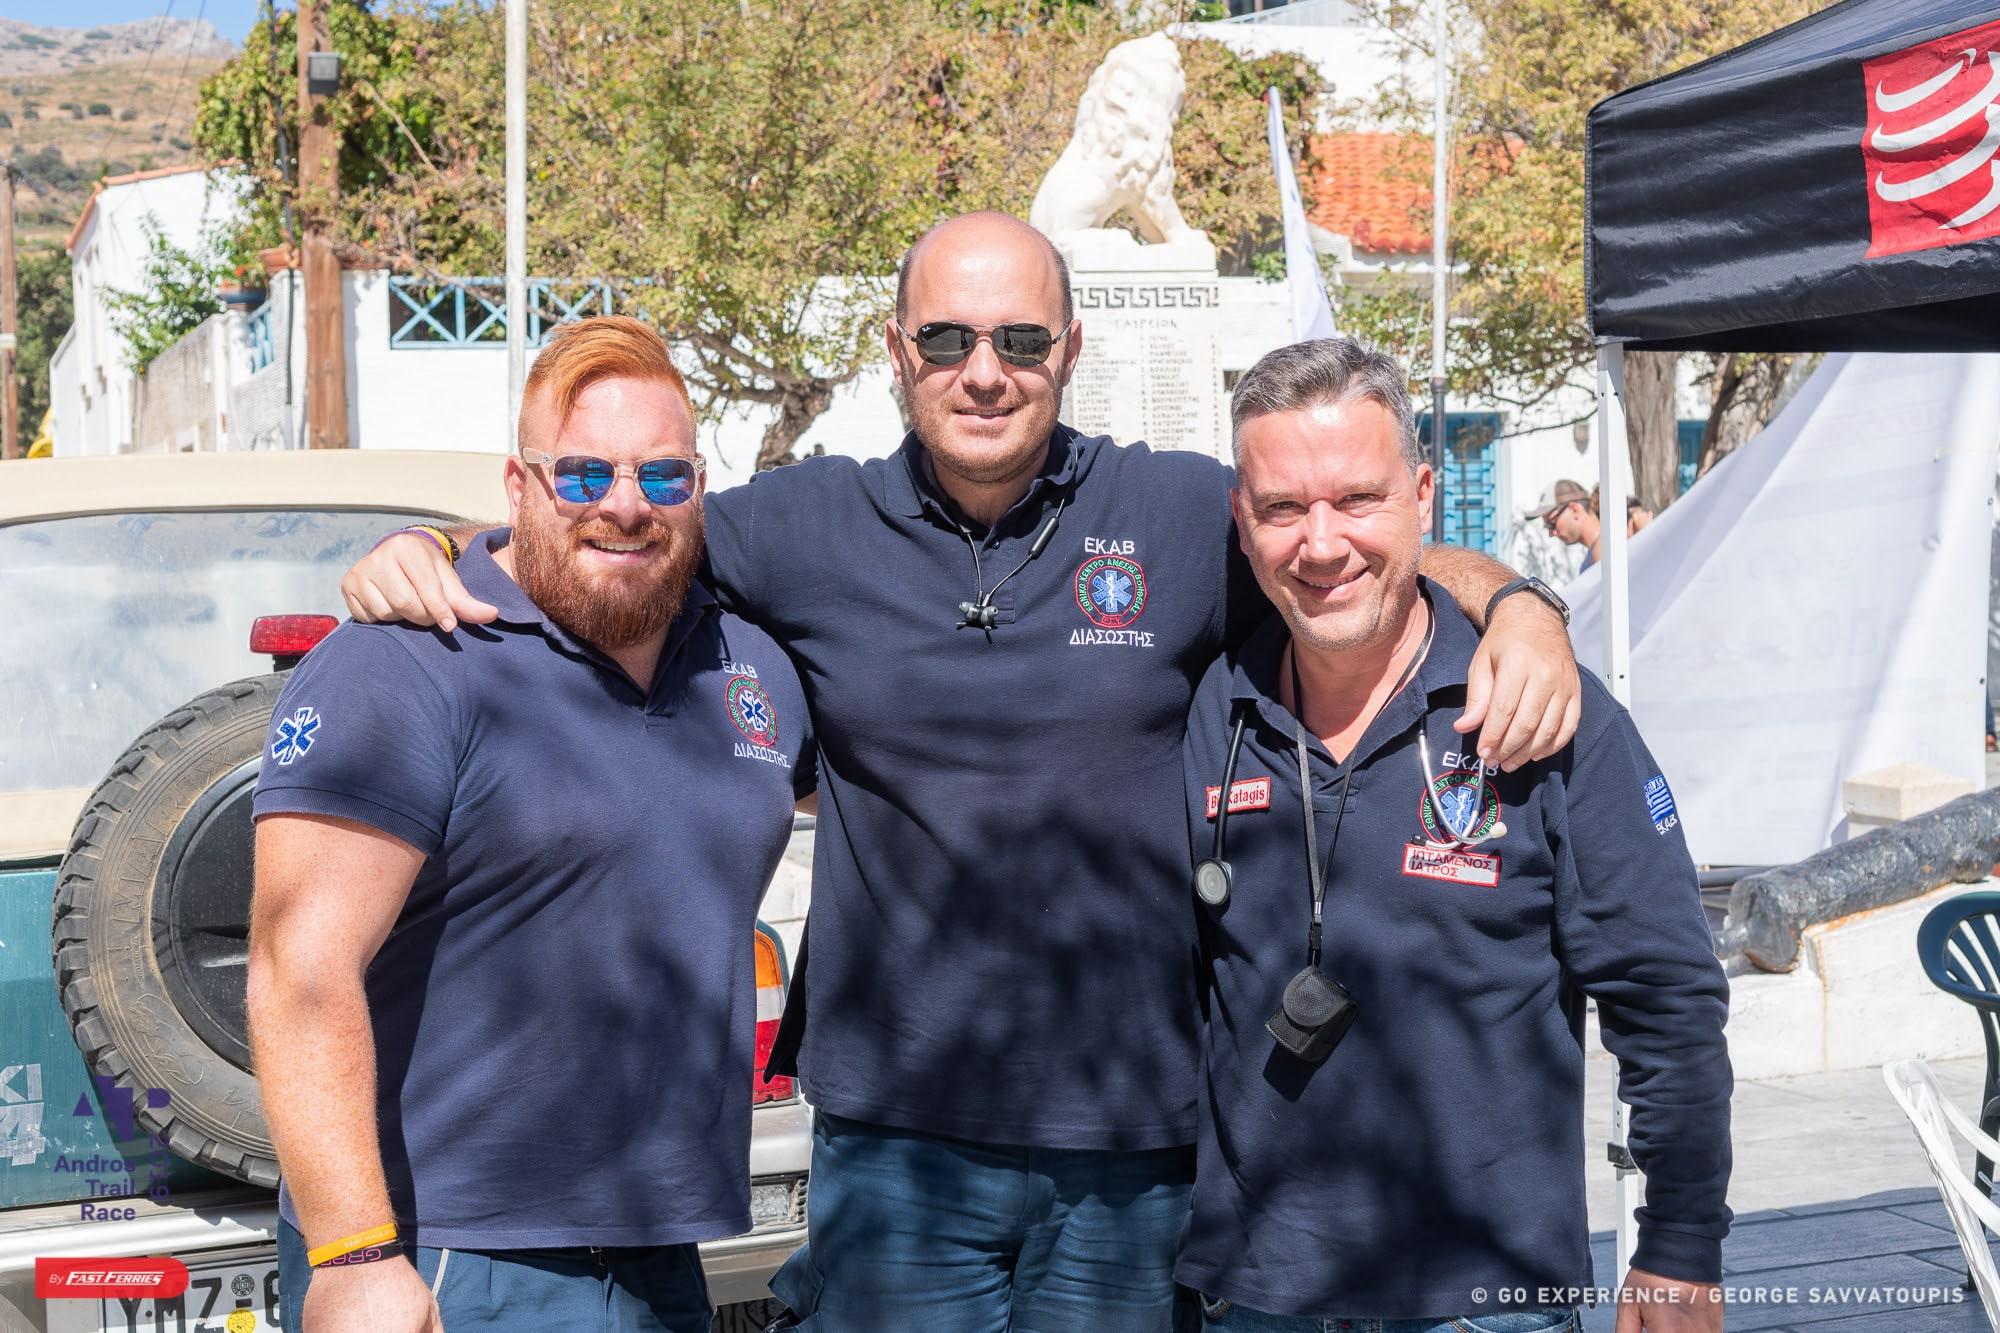 4ο Andros Trail Race 2019- Ακόμα μία επιτυχημένη διοργάνωση